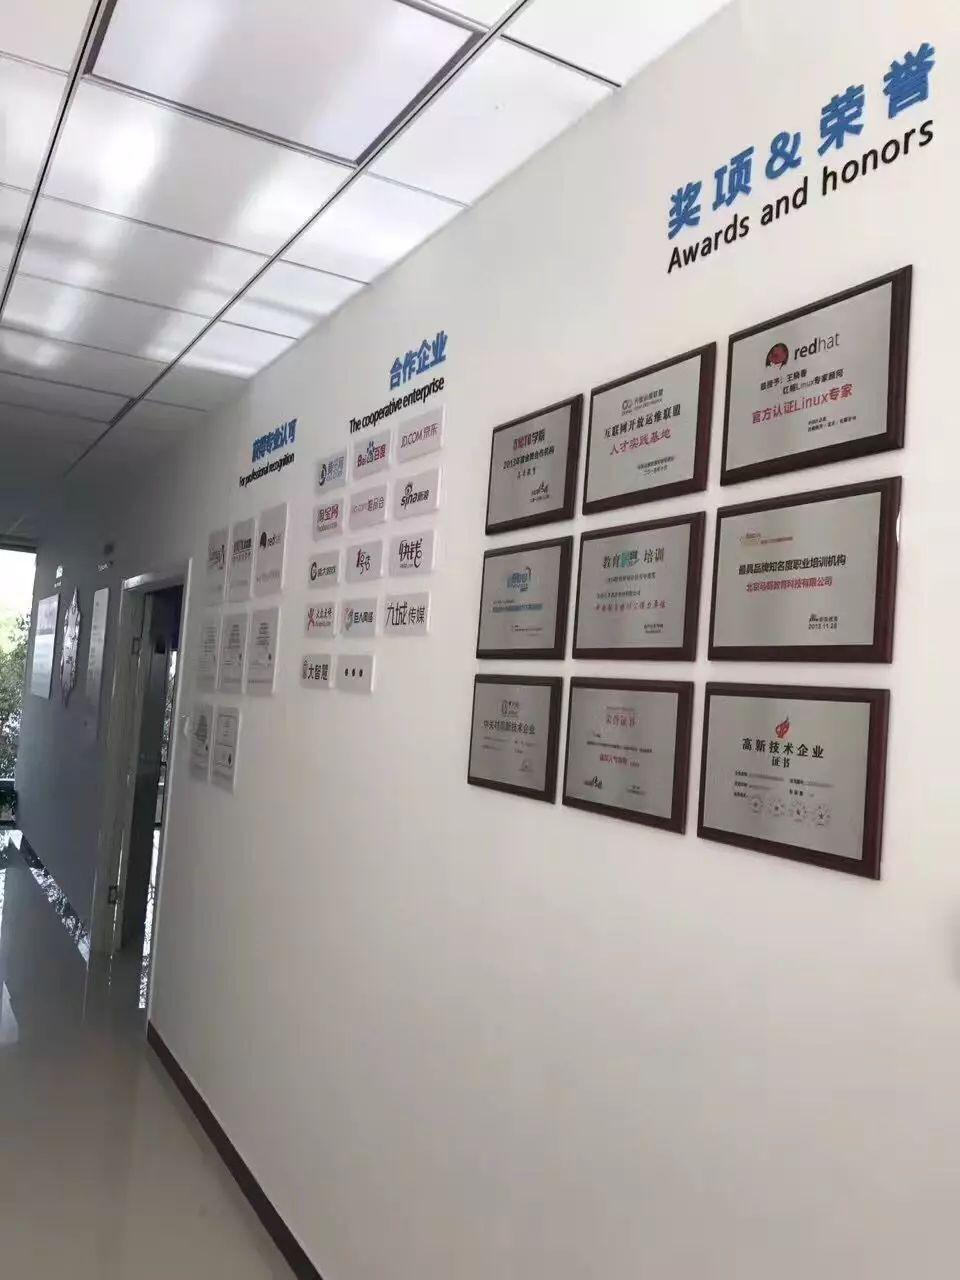 美图鉴赏 | 整装待发的郑州校区